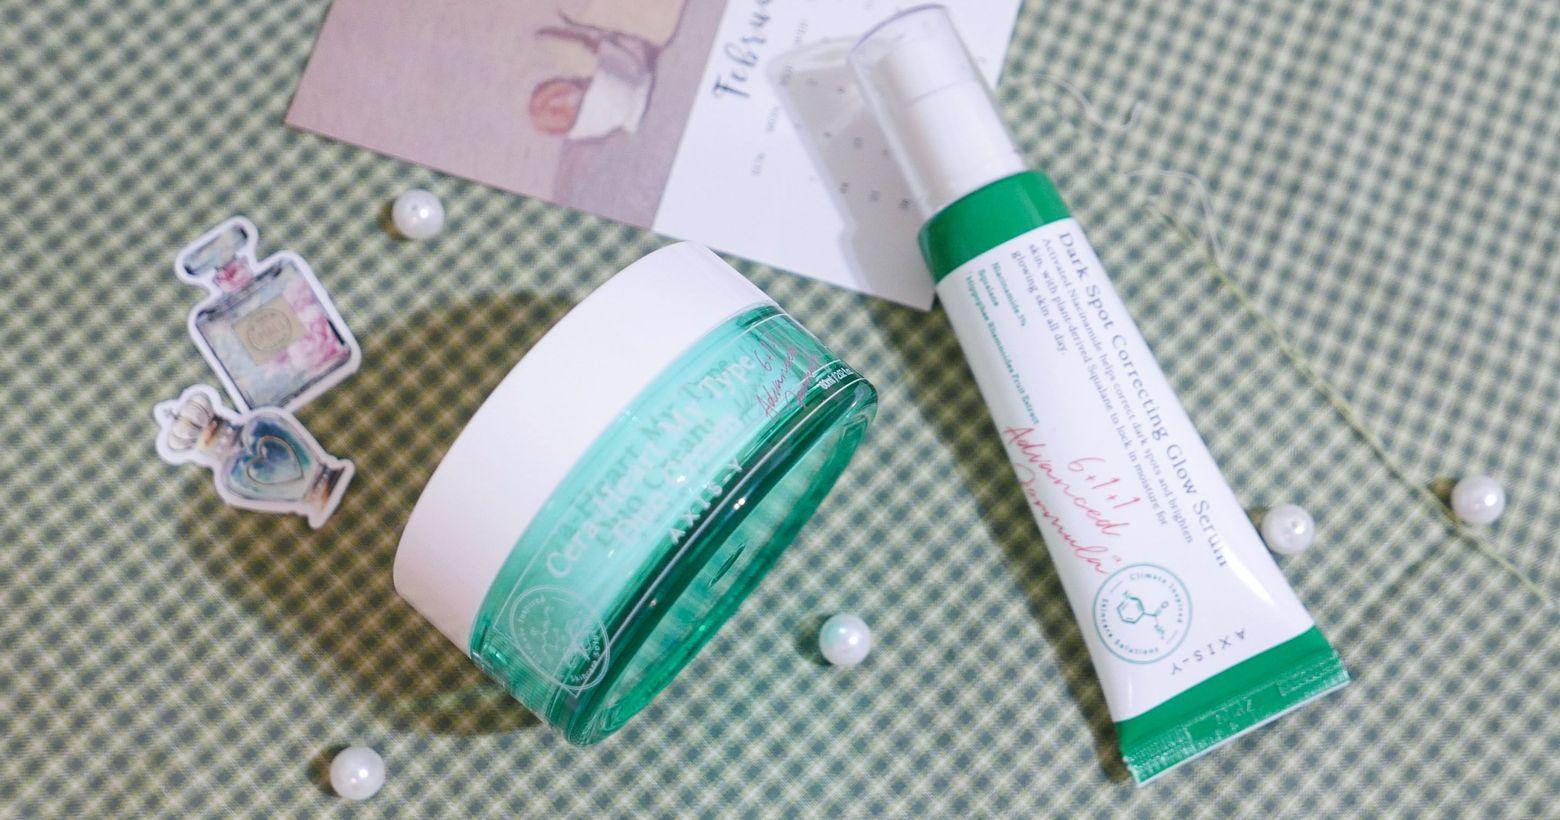 【韓國保養】韓國AXIS-Y安舒研|透潤雙效精華霜&淨亮白橡皮擦精華|穩定肌膚,擁有韓妞愛用的小眾品